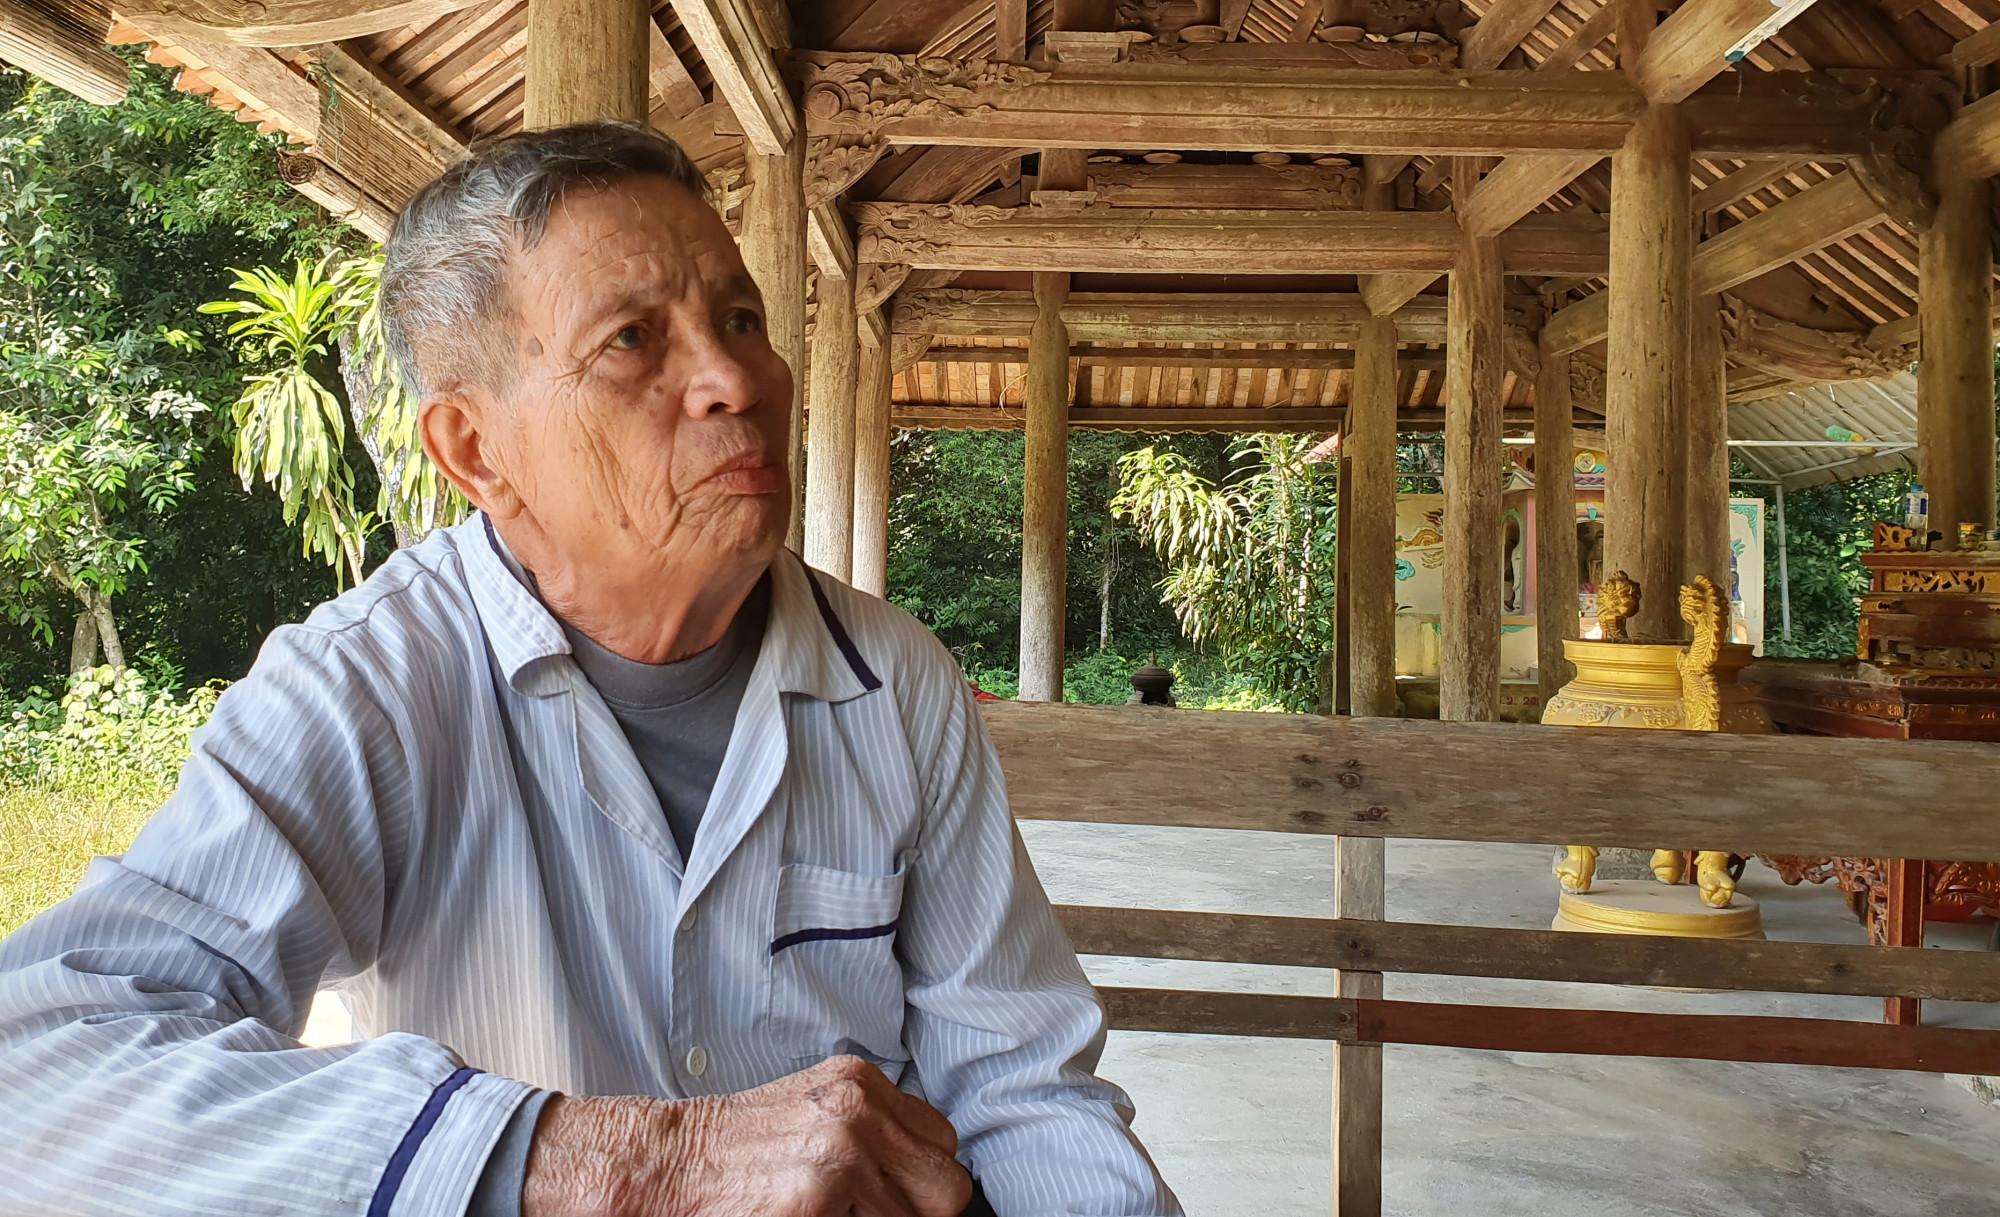 Cụ Định kể lại những kí ức gắn liền với cánh rừng lim